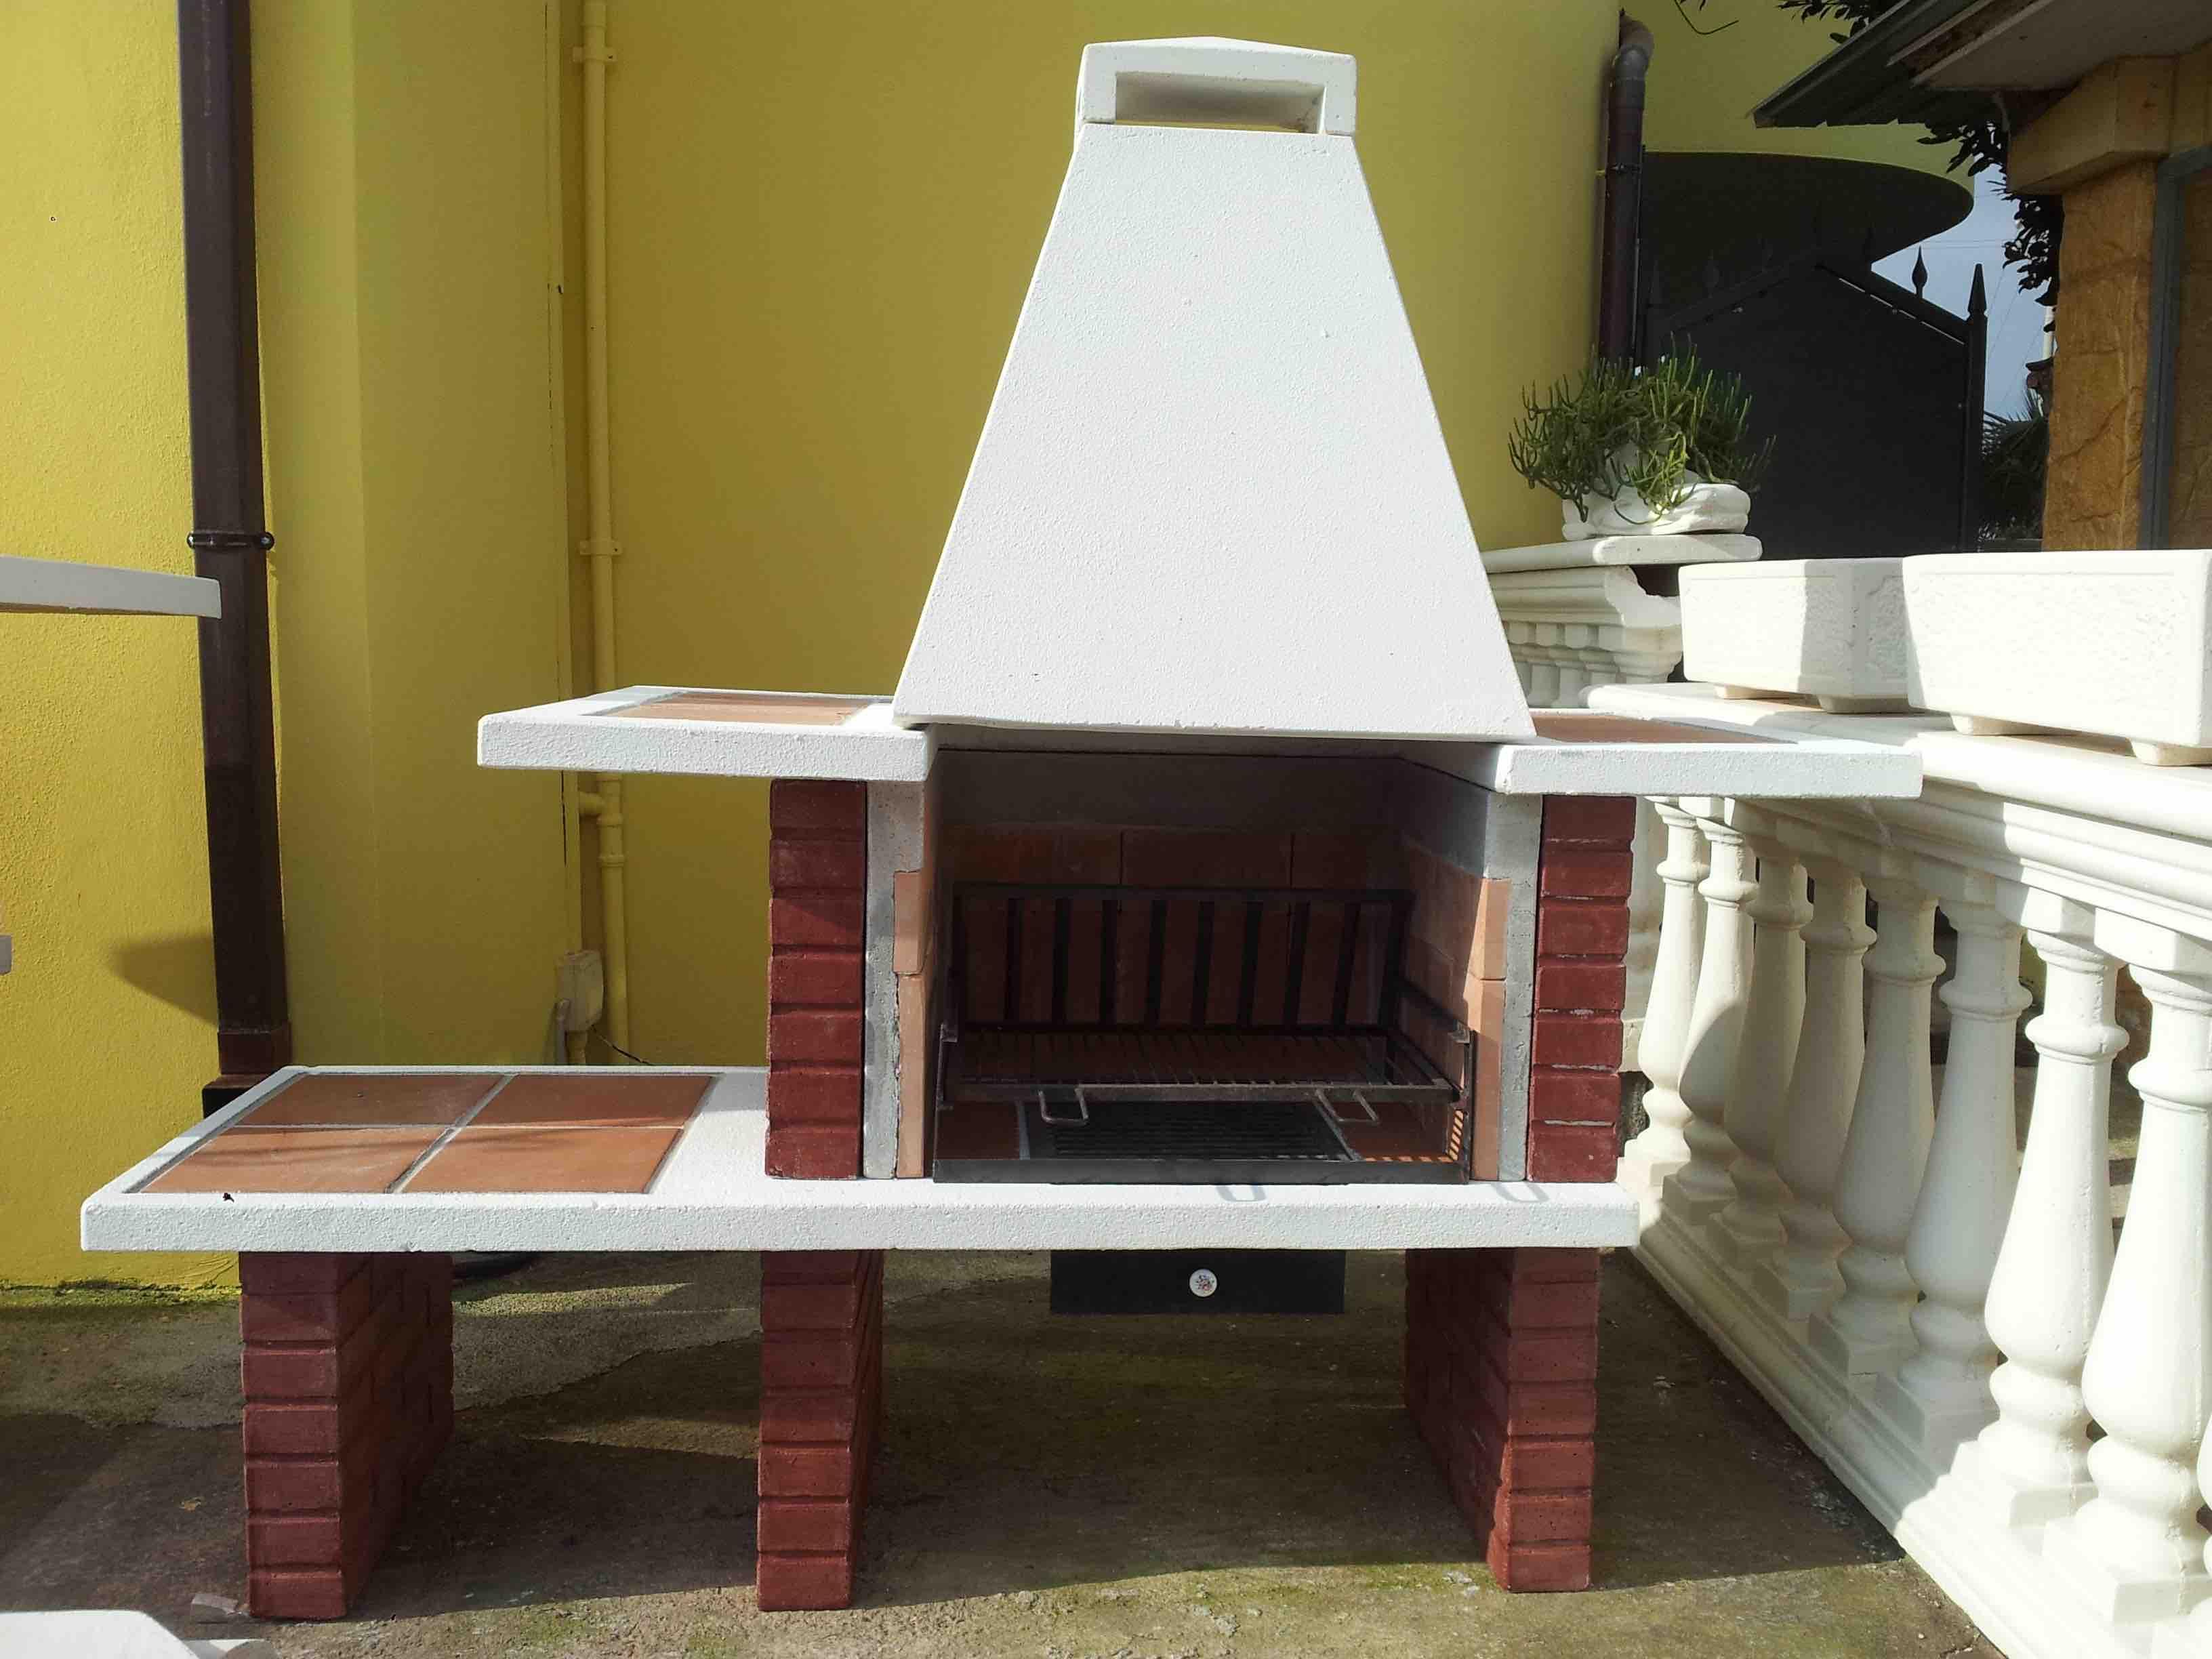 Barbecue la casa del giardino snc di paniccia emiliano e antonino - Casa del barbecue ...